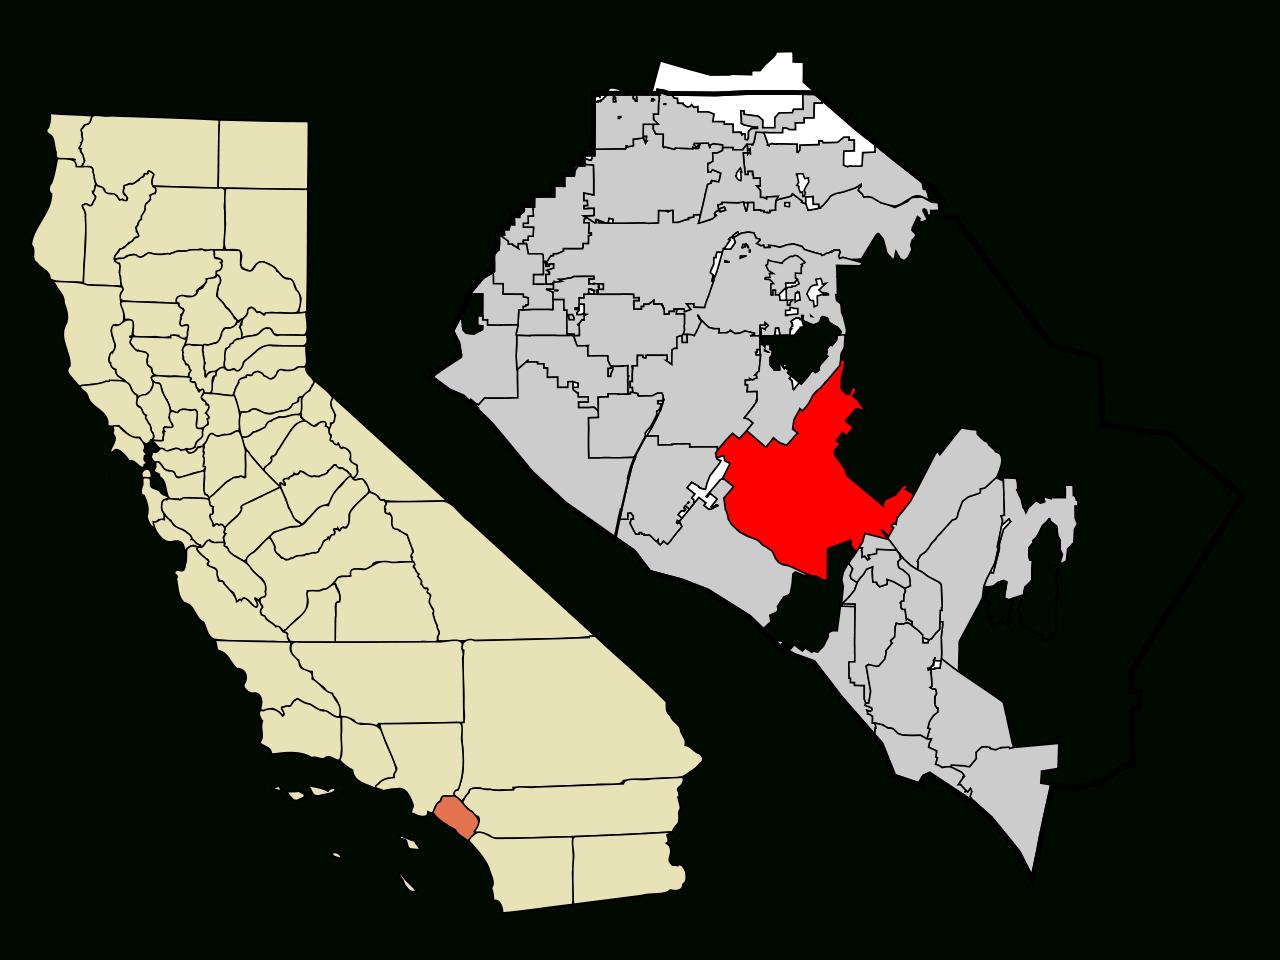 Fichier:orange County California Incorporated And Unincorporated - Irvine California Map